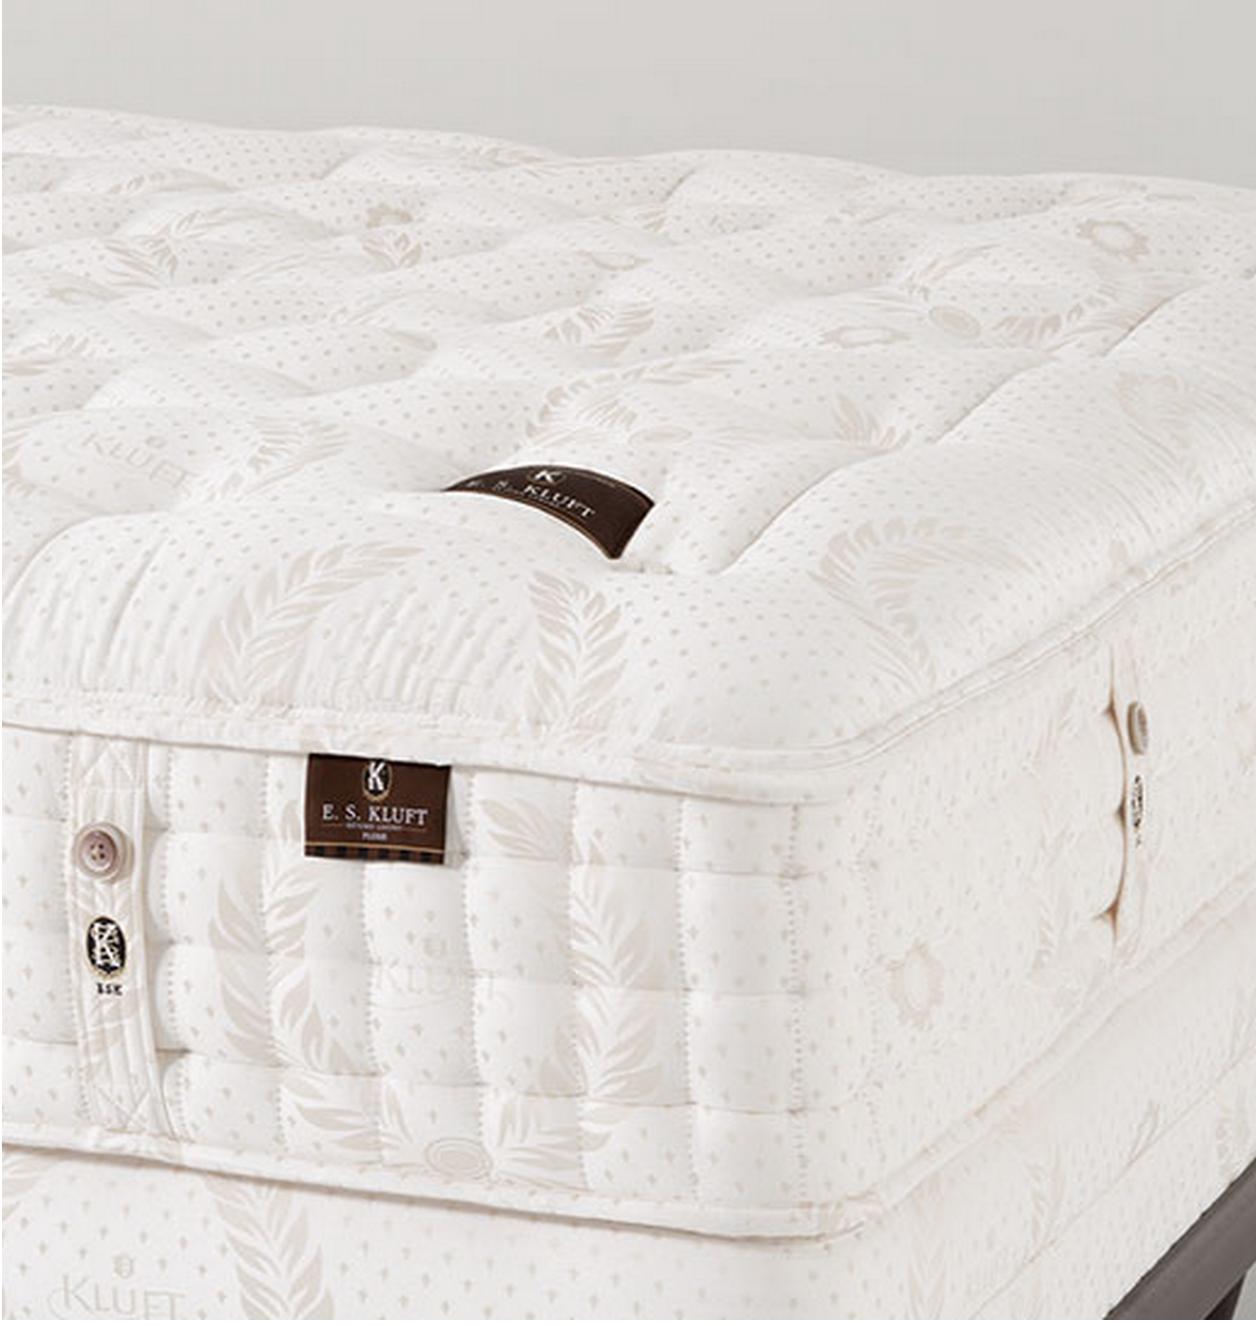 kluft mattress reviews goodbed com